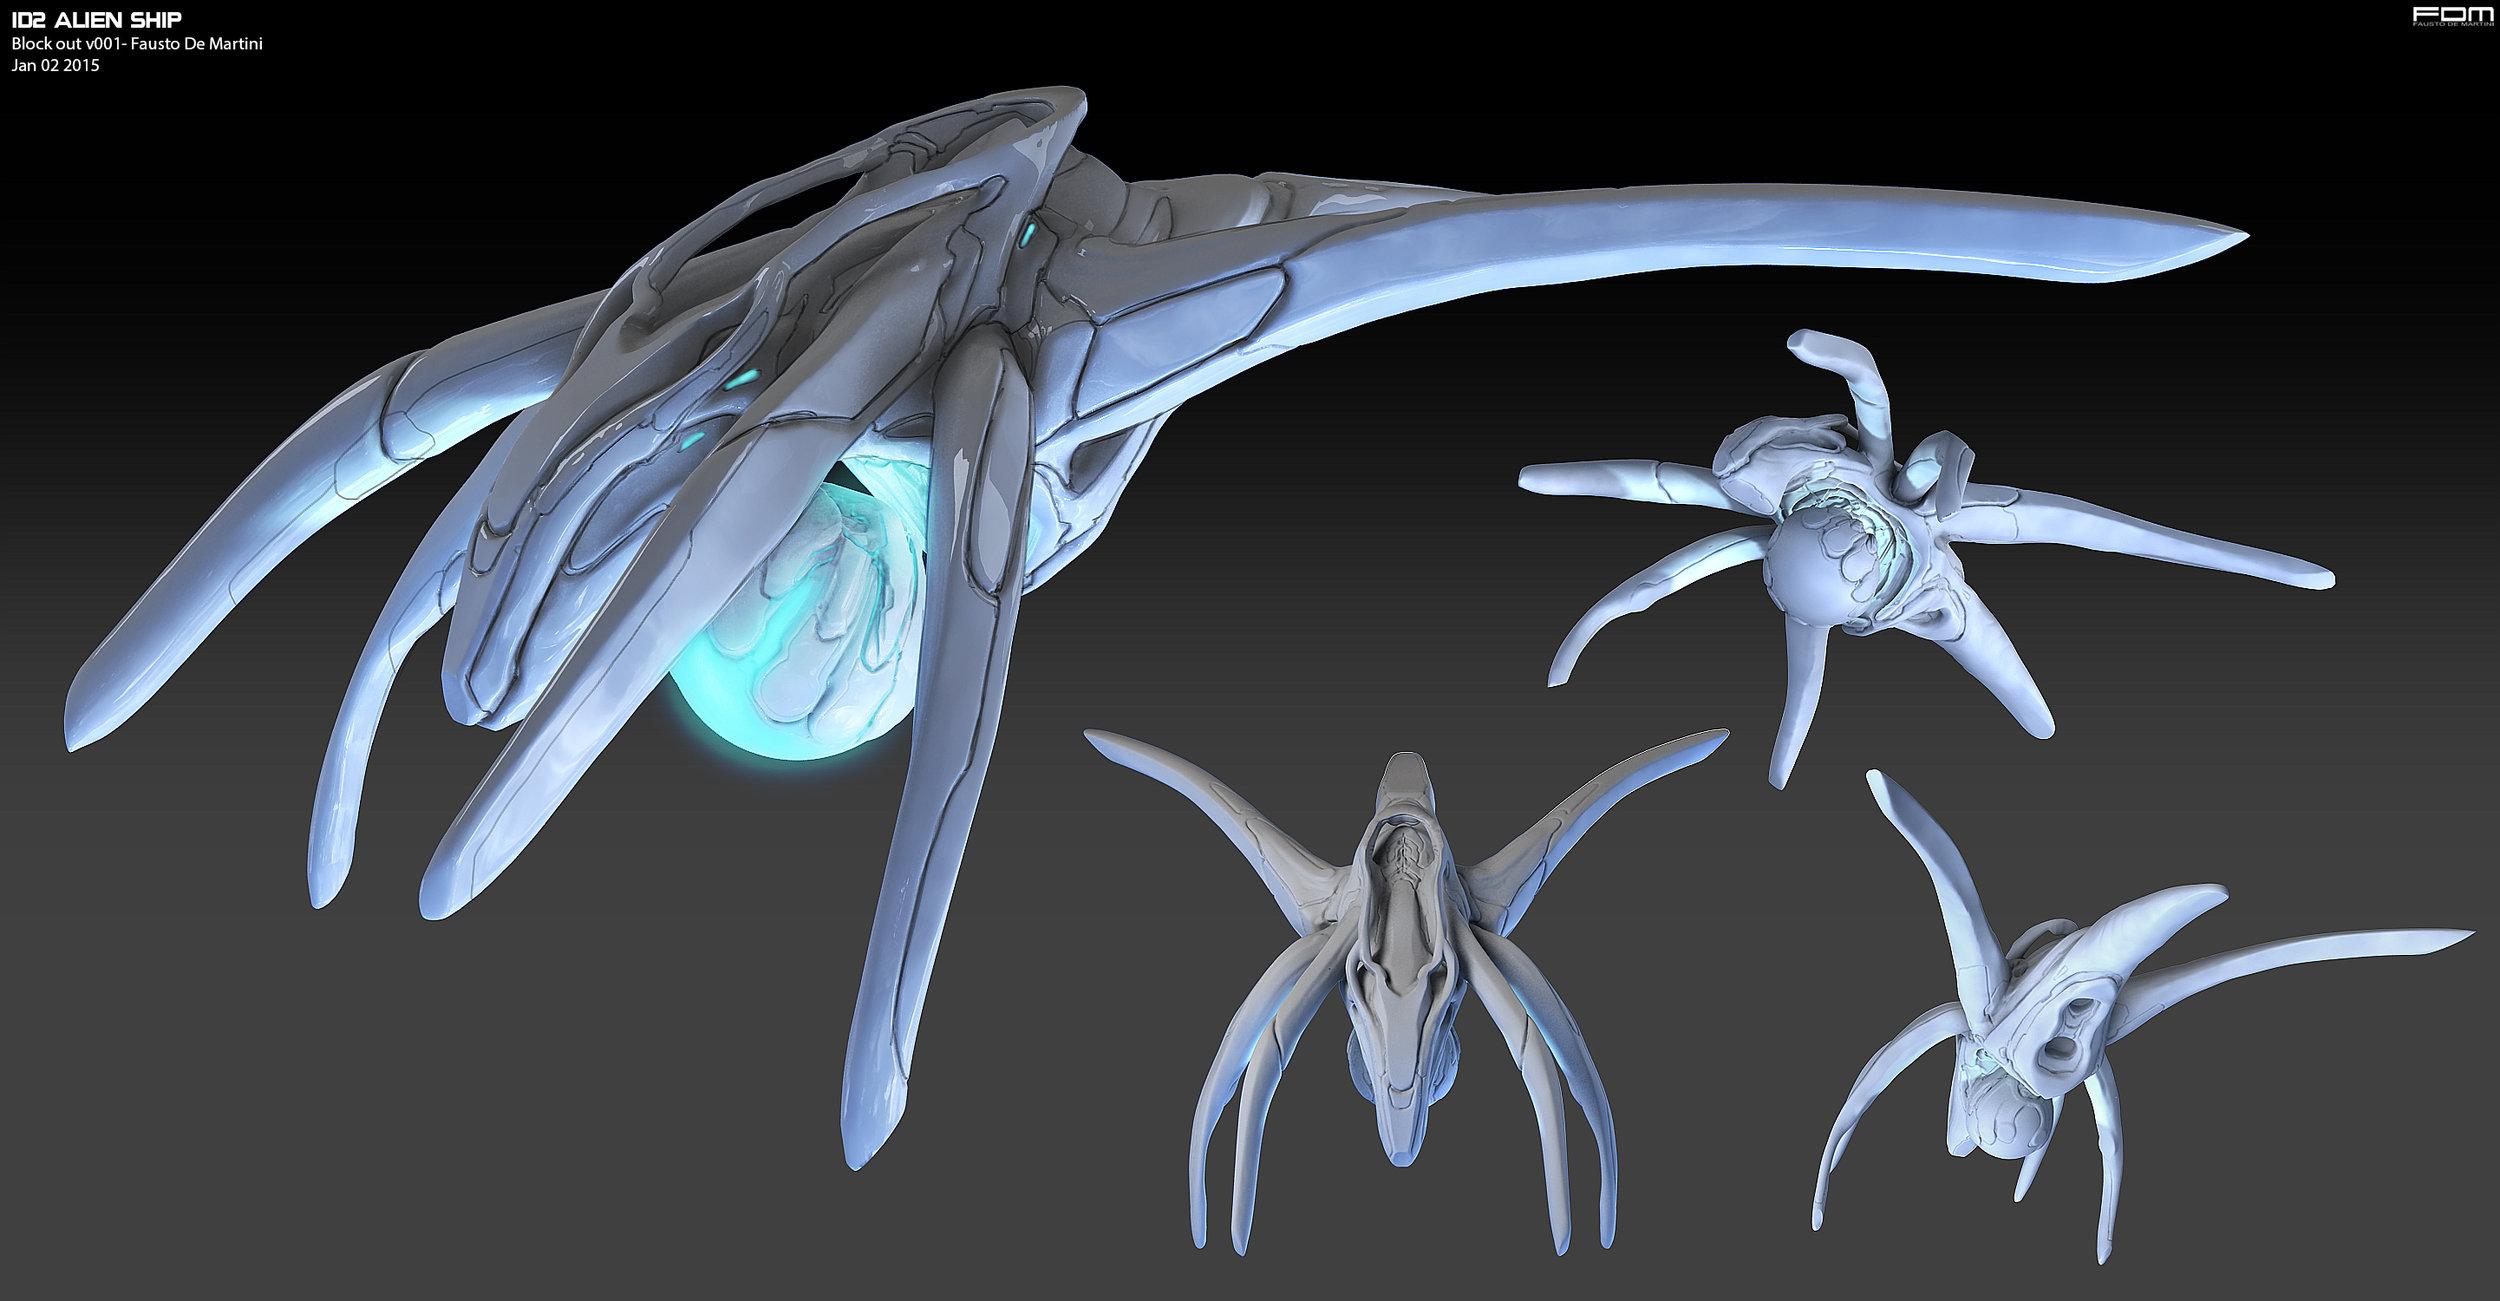 AlienShip_v001_001.jpg